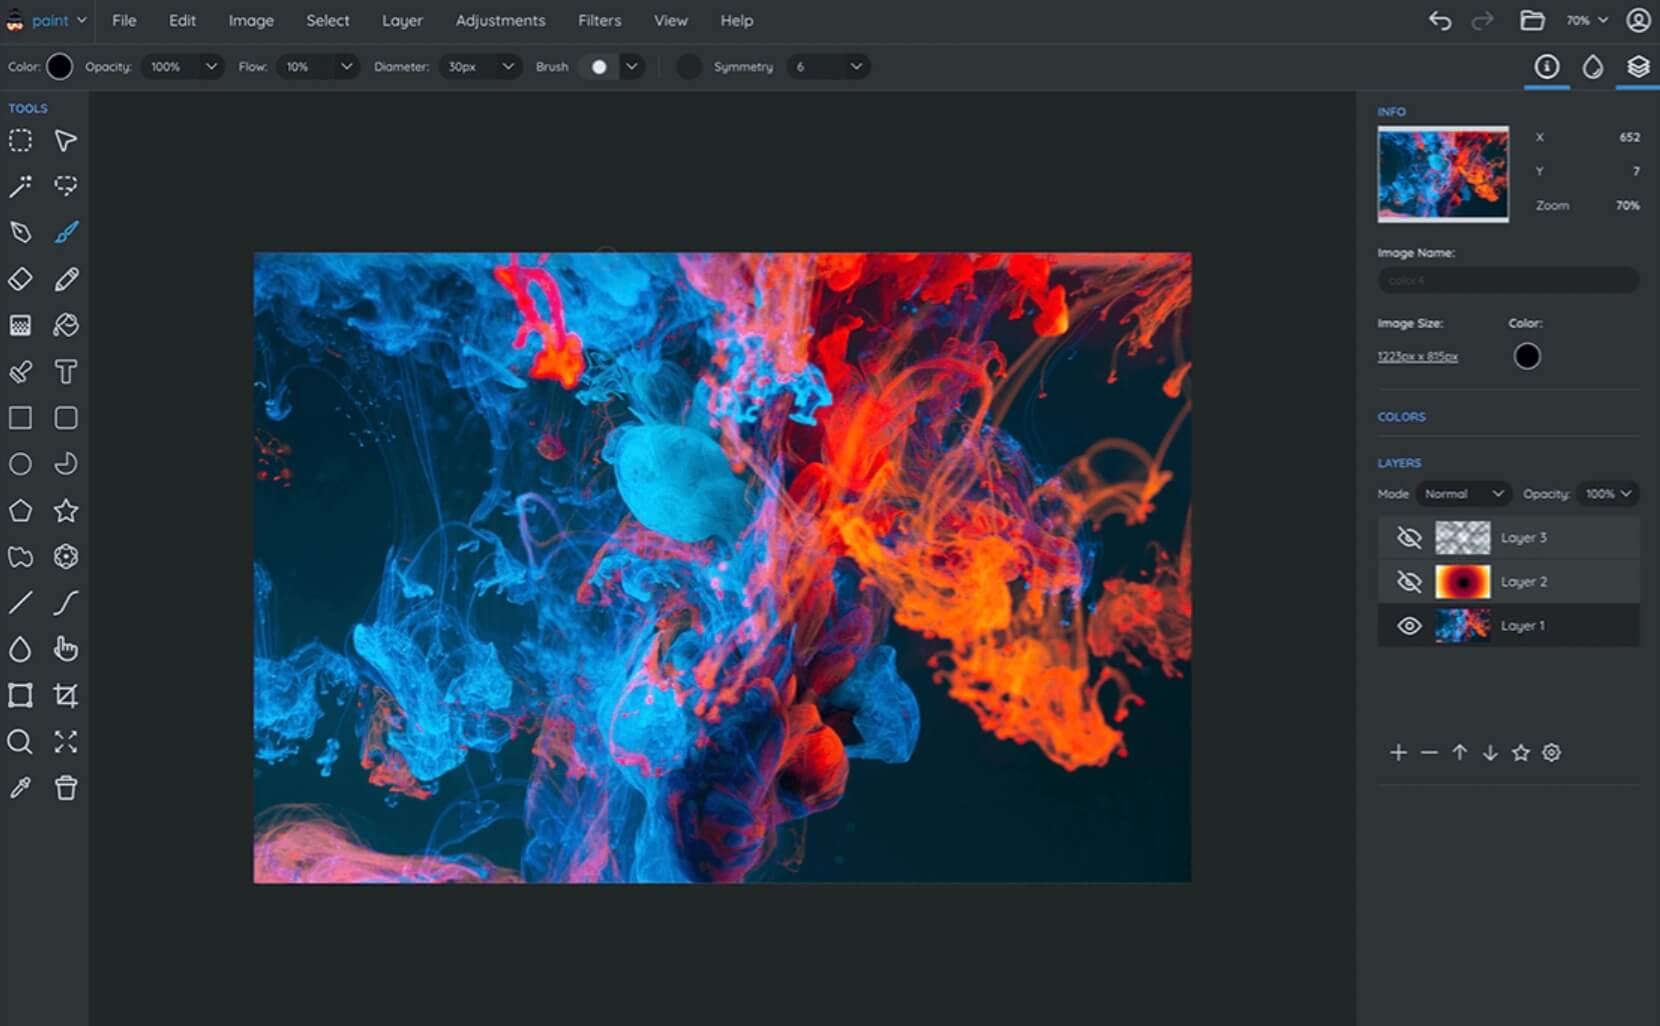 Programa de diseño grafico gratis para principiantes: Sumo Paint